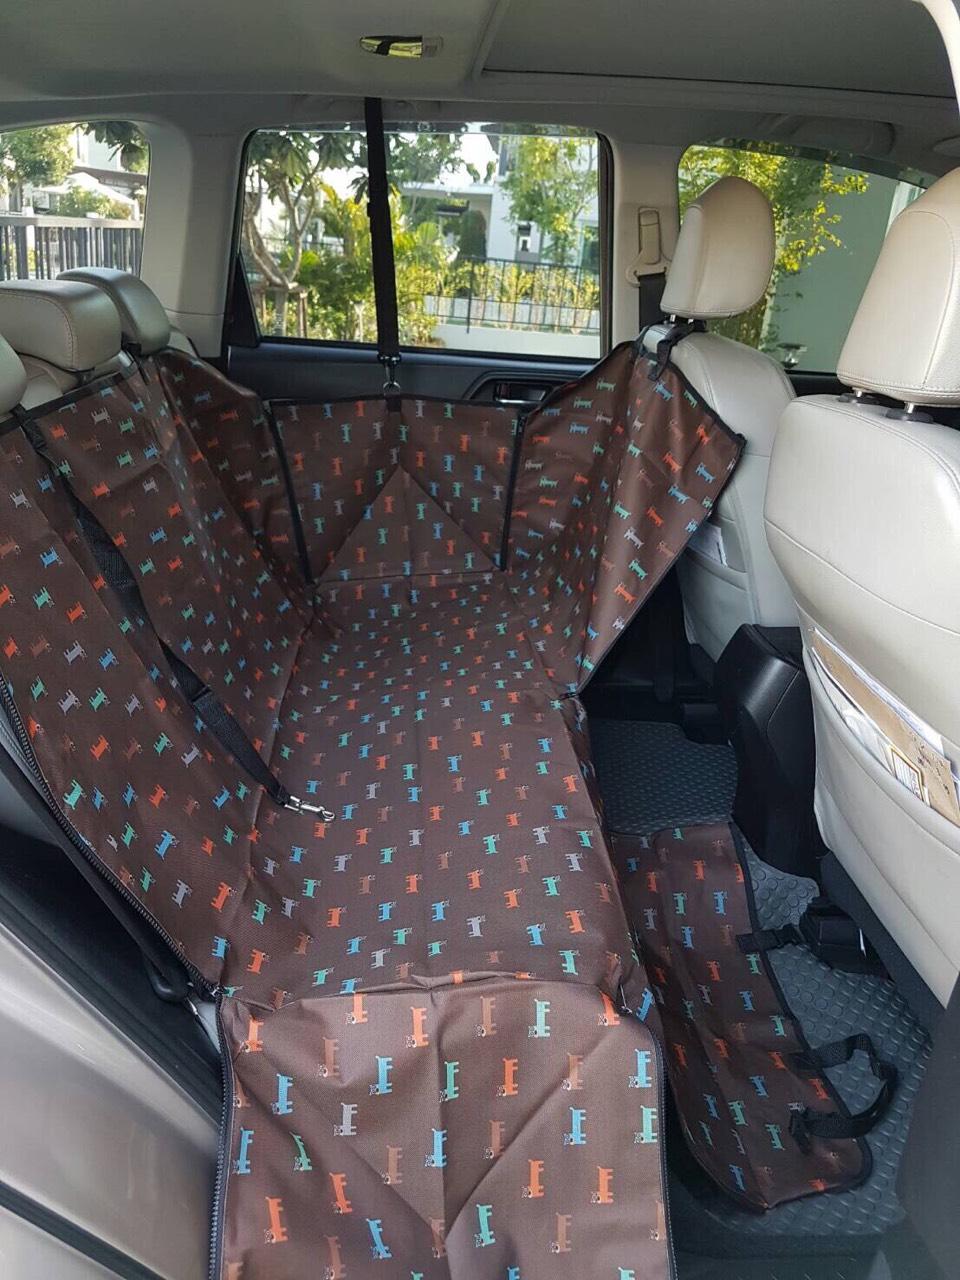 ที่รองเบาะรถยนต์สำหรับสุนัข ด้านหลัง 2 ที่นั่ง 2 in 1 สีน้ำตาลเข้มลาย